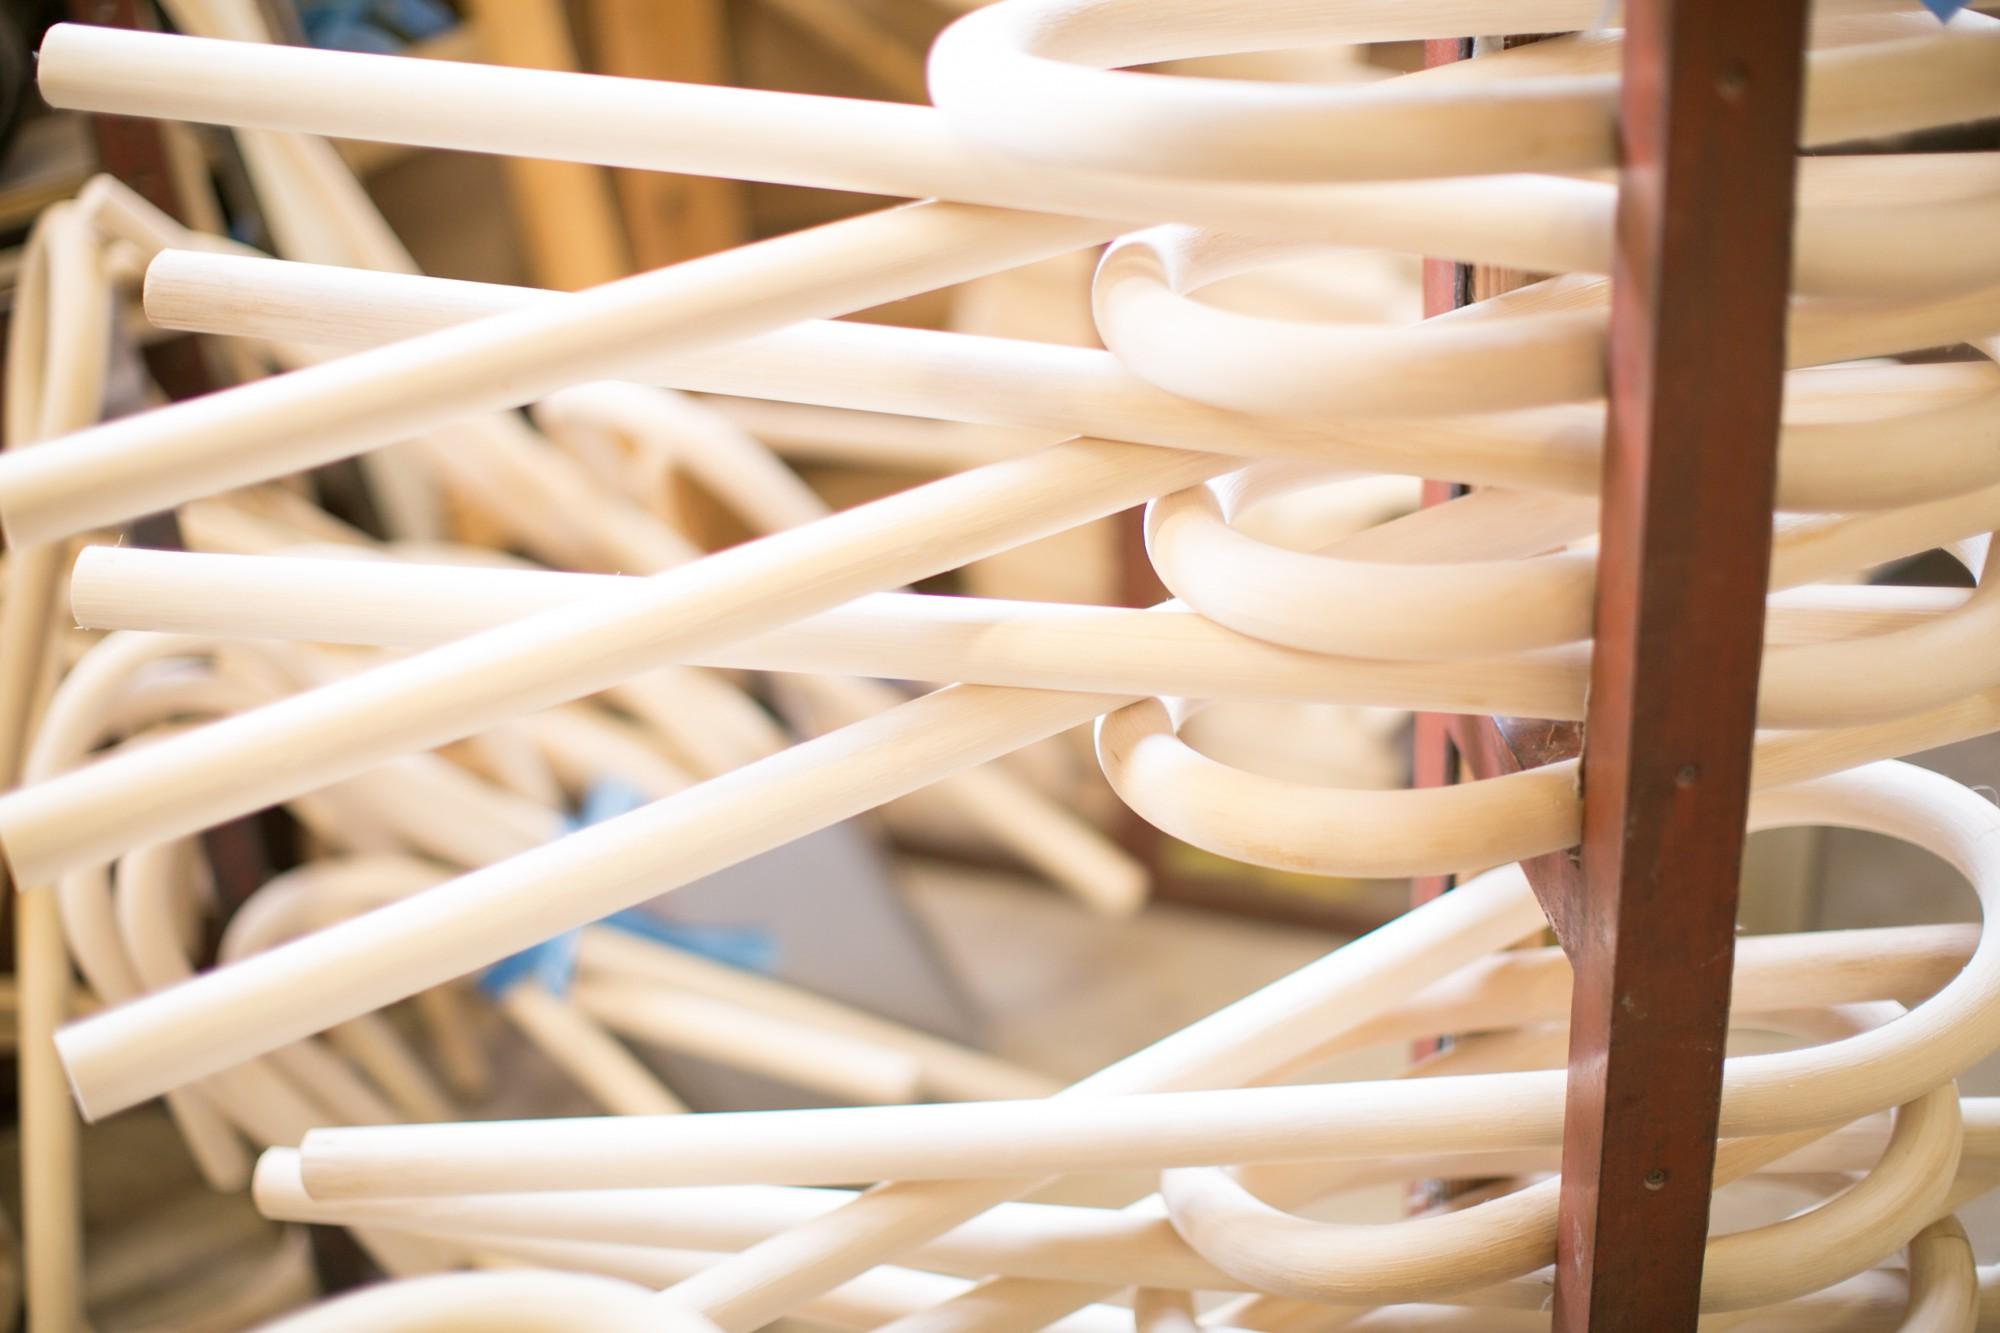 ヤシに似た籐の表皮はゴツゴツして棘があり、それを剥いてきれいにした中身が家具の材料になります。